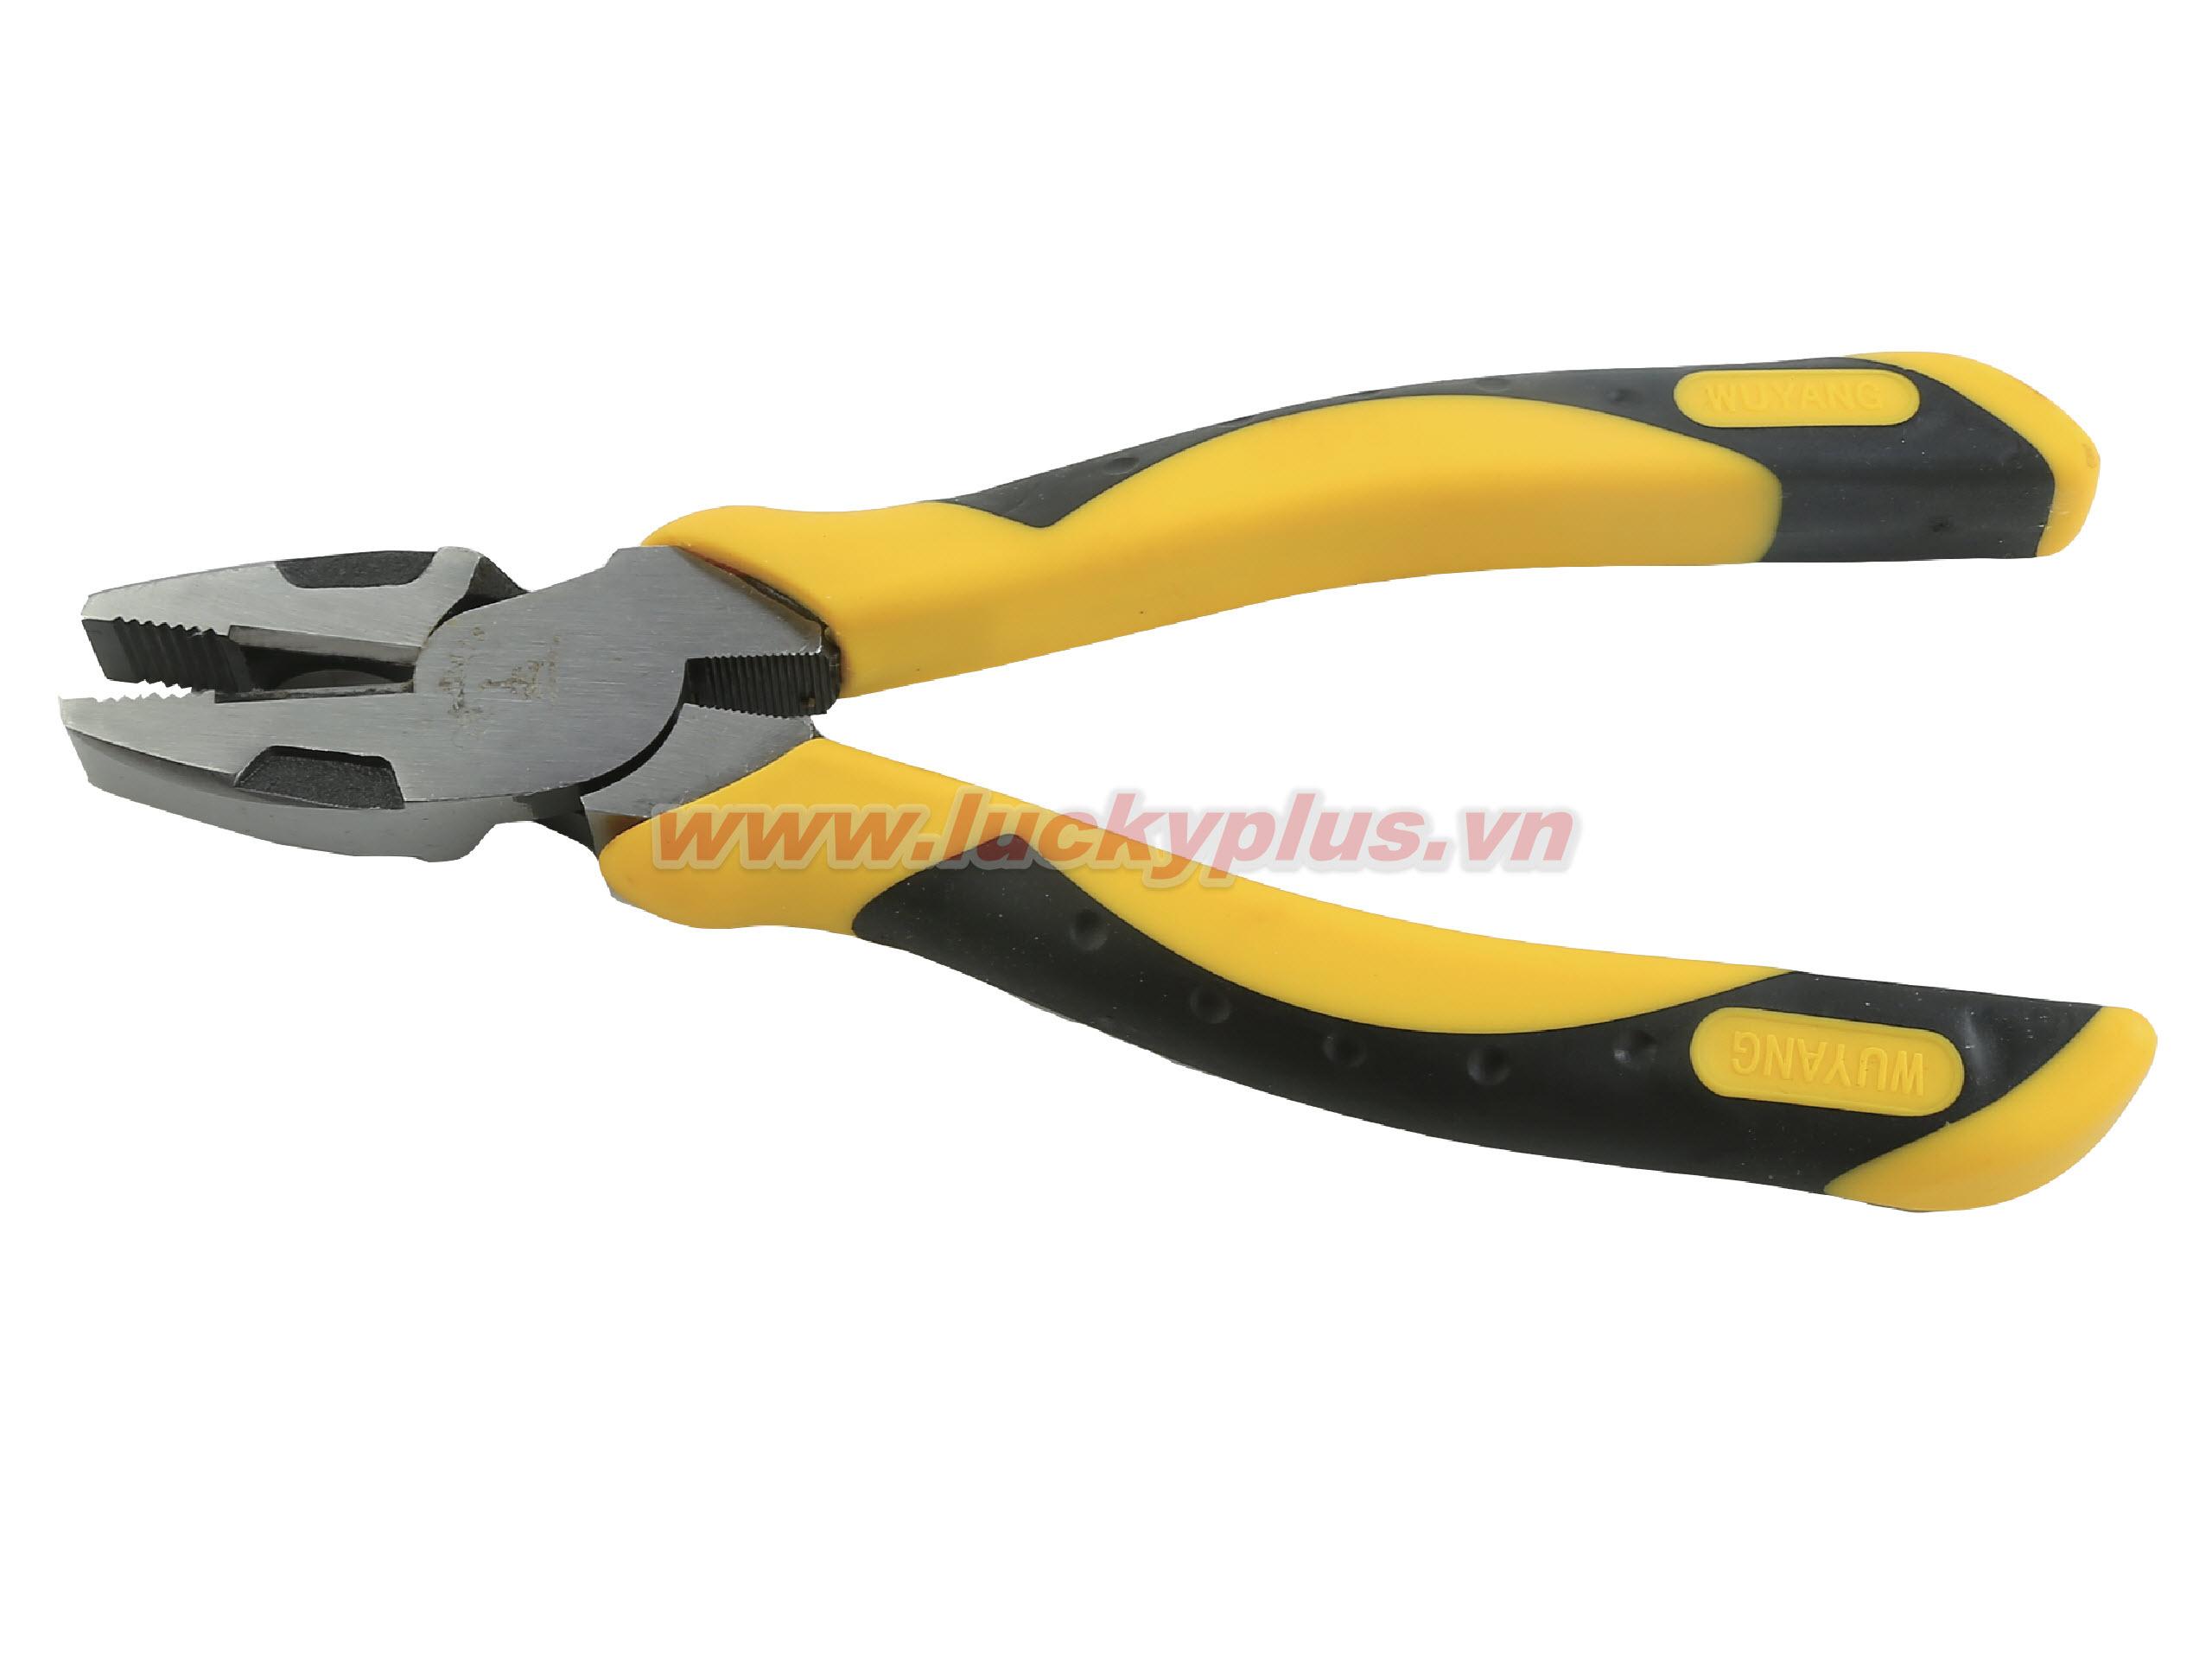 Kìm tổng hợp mạ Crom 8 inch FiveSheep FS-12818 8''/200mm